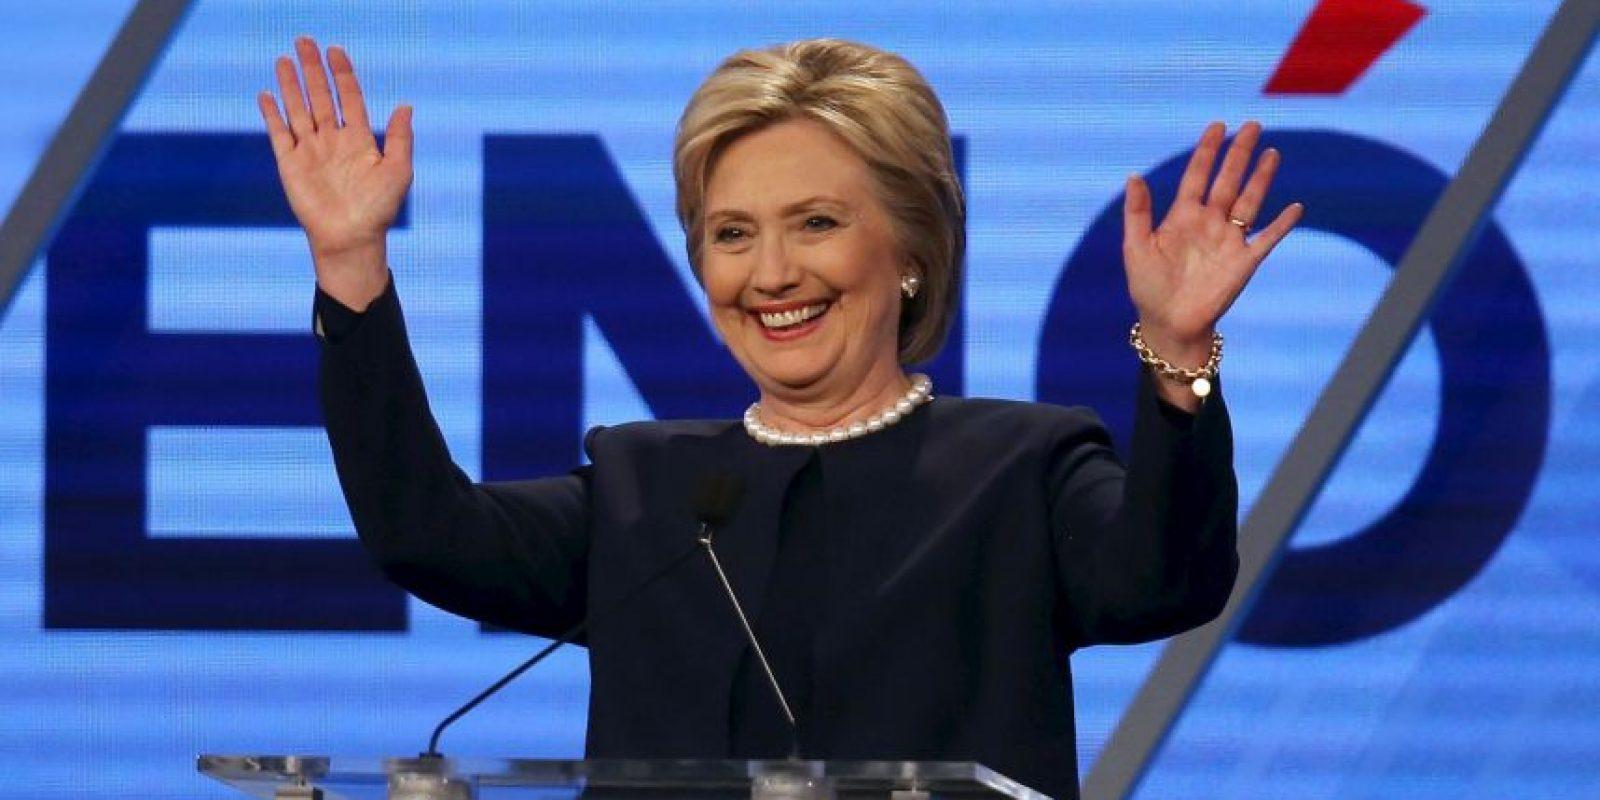 Clinton encabeza la contienda con 13 estados a su favor Foto:AFP